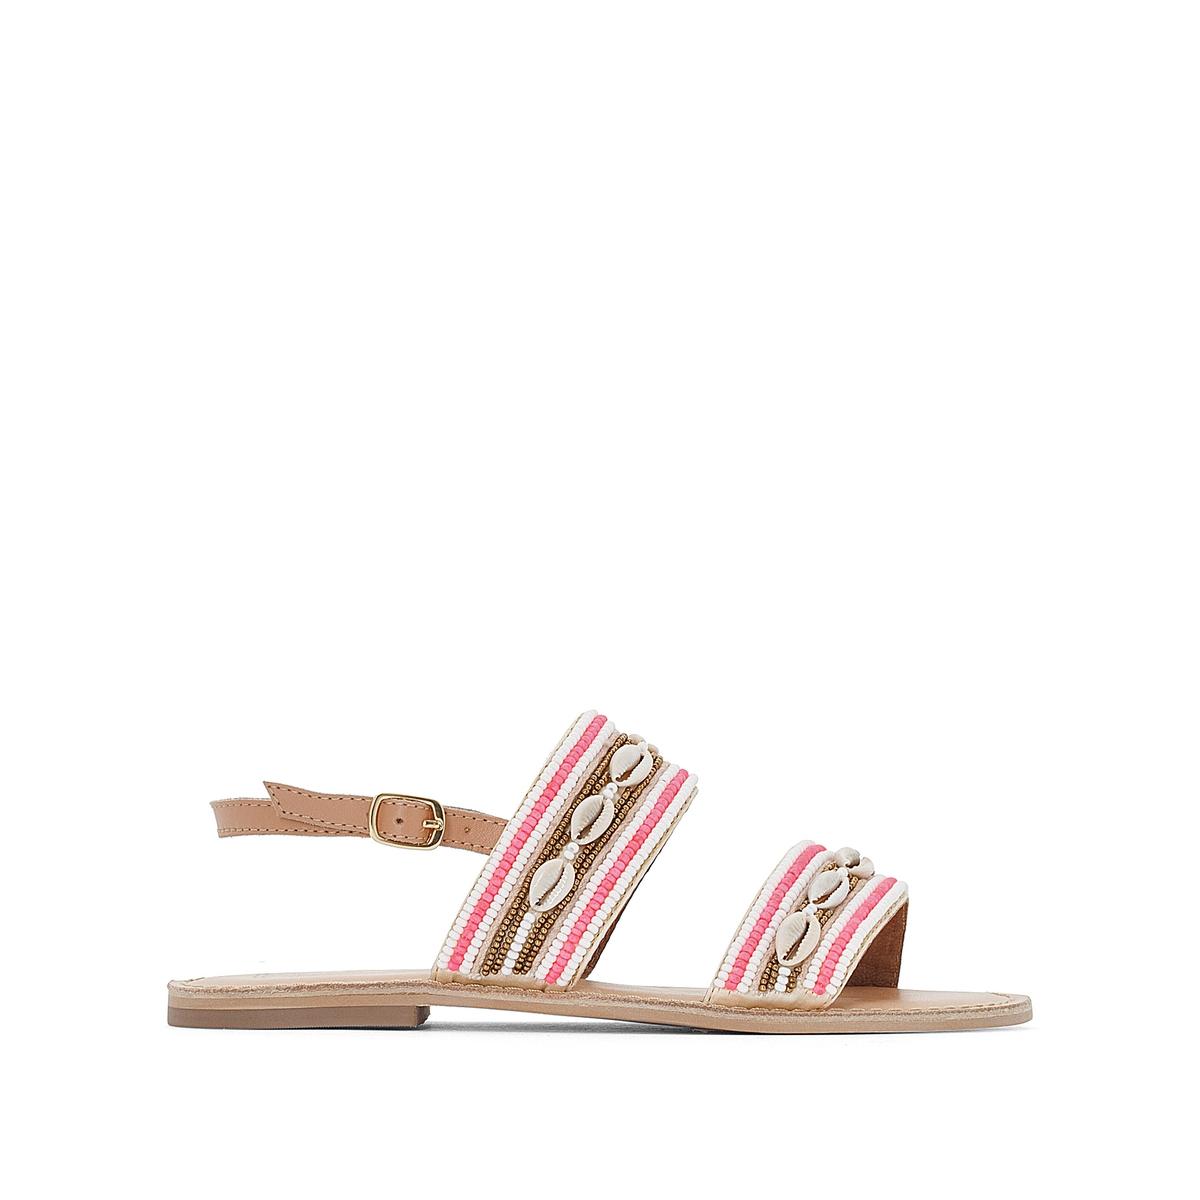 Sandalias de piel con correas con cuentas y conchi